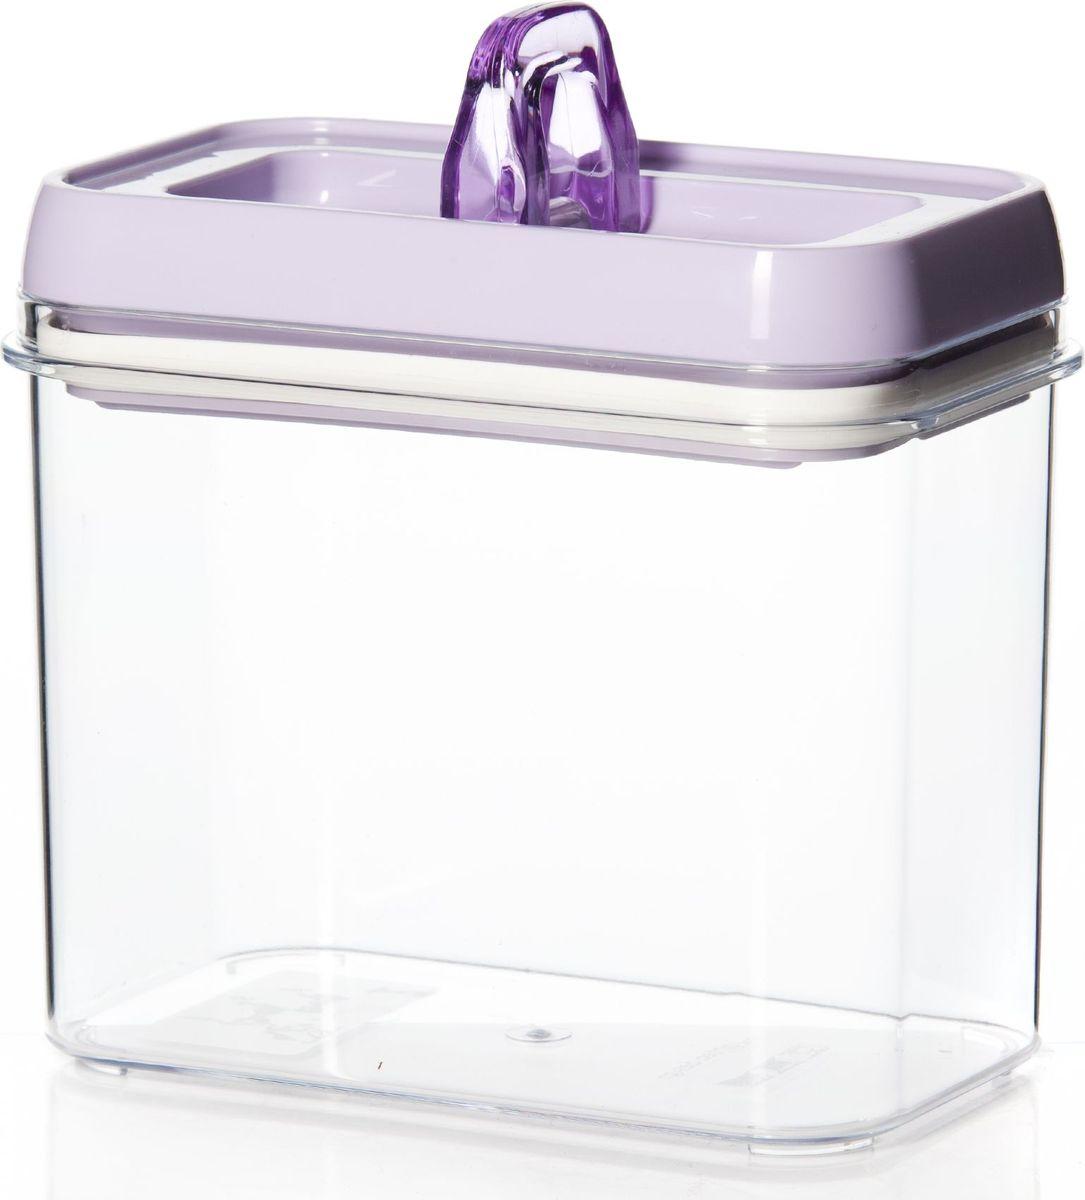 Контейнер для продуктов Herevin, 1,2 л. 161178-033161178-033Контейнер для продуктов Herevin изготовлен из качественного пищевого пластика без содержания BPA. Крышка плотно и герметично закрывается, поэтому продукты дольше остаются свежими. Прозрачные стенки позволяют видеть содержимое. Такой контейнер подойдет для использования дома, его можно взять с собой на работу, учебу, в поездку.